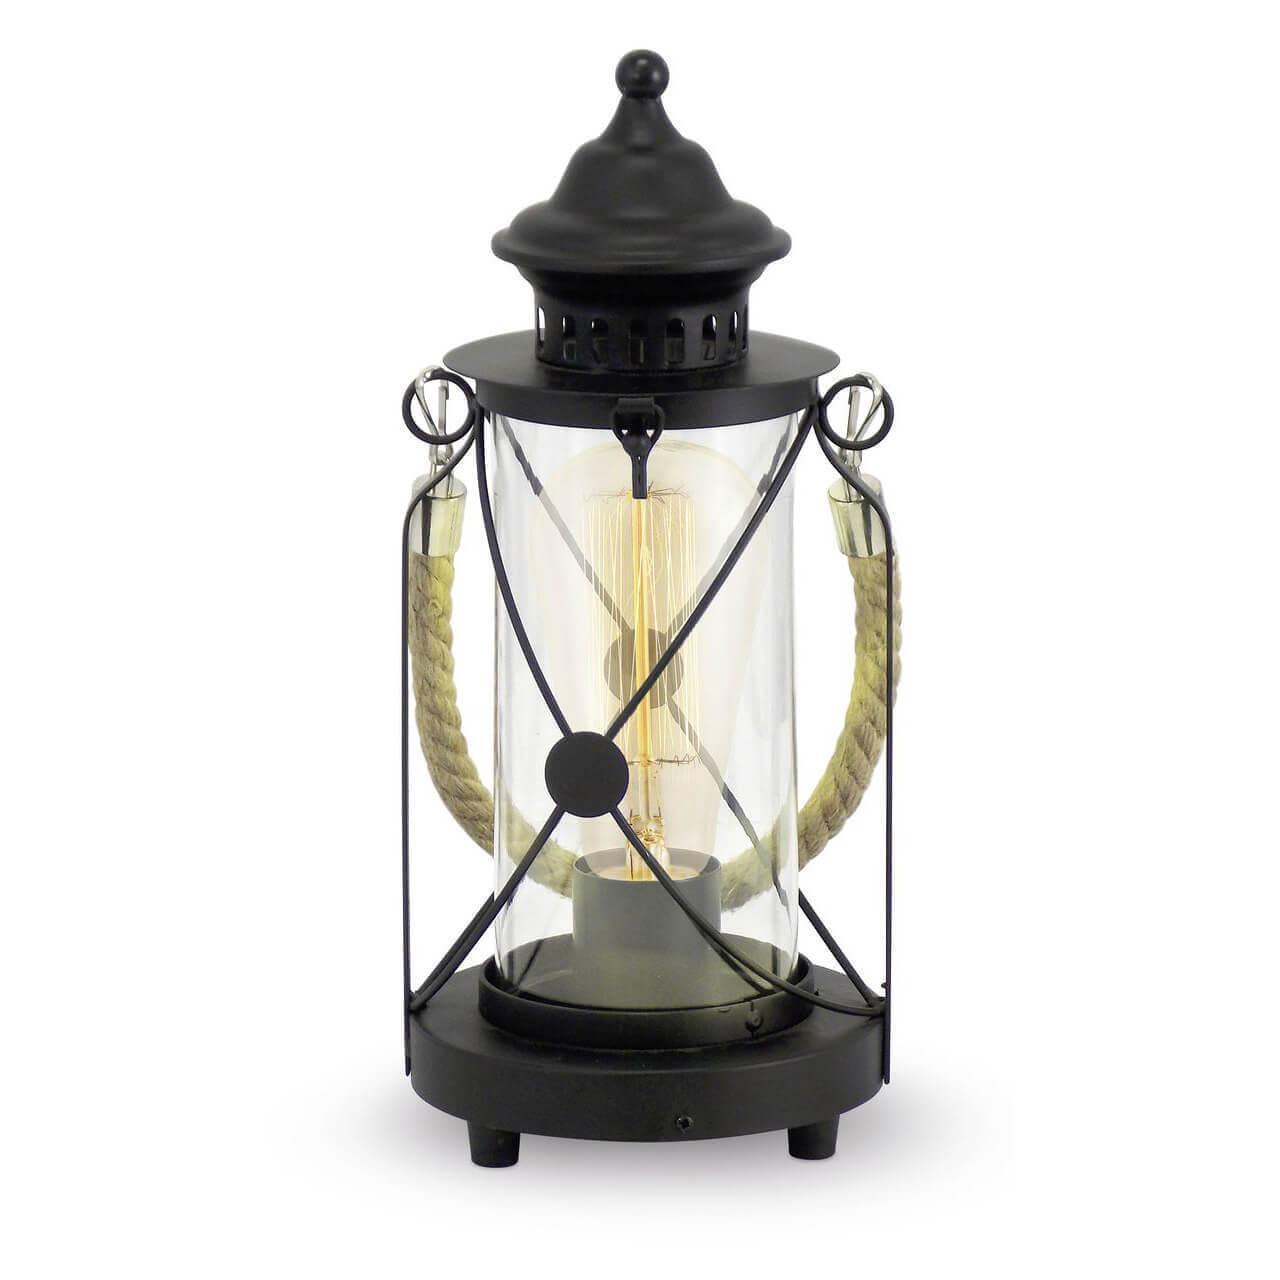 Настольный светильник Eglo 49283, E27, 60 Вт